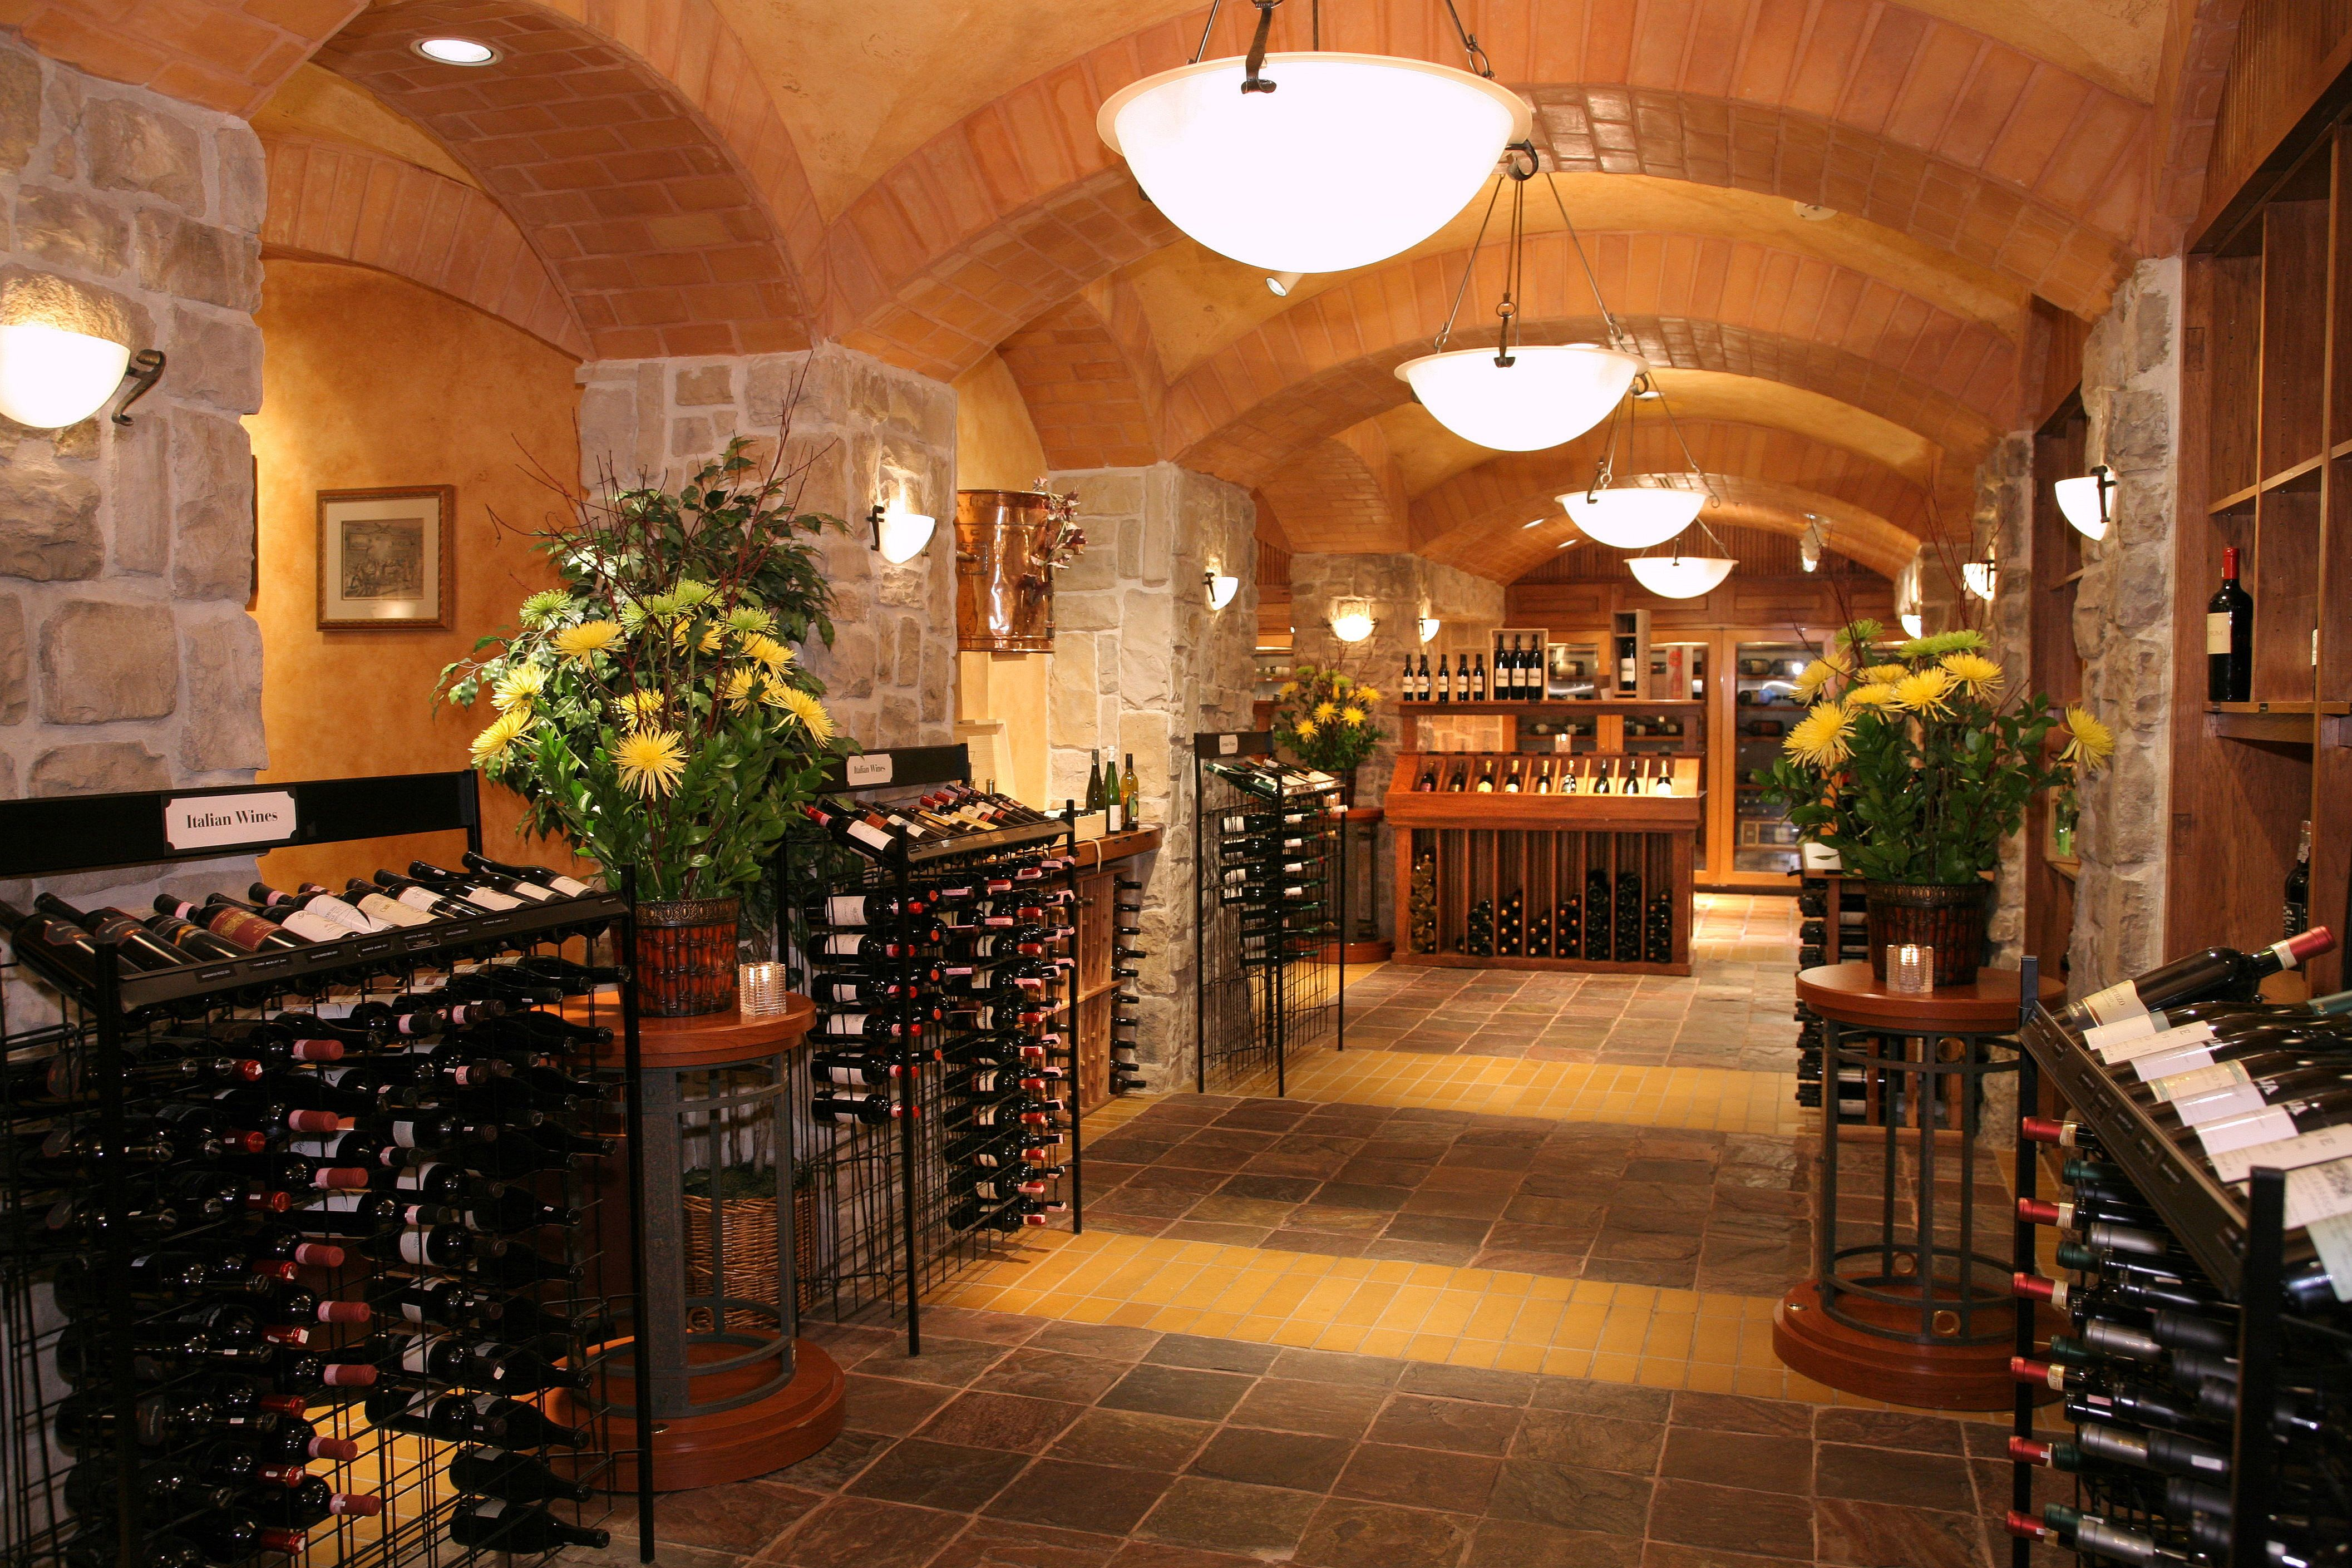 The Wine Cellar at Rio Las Vegas